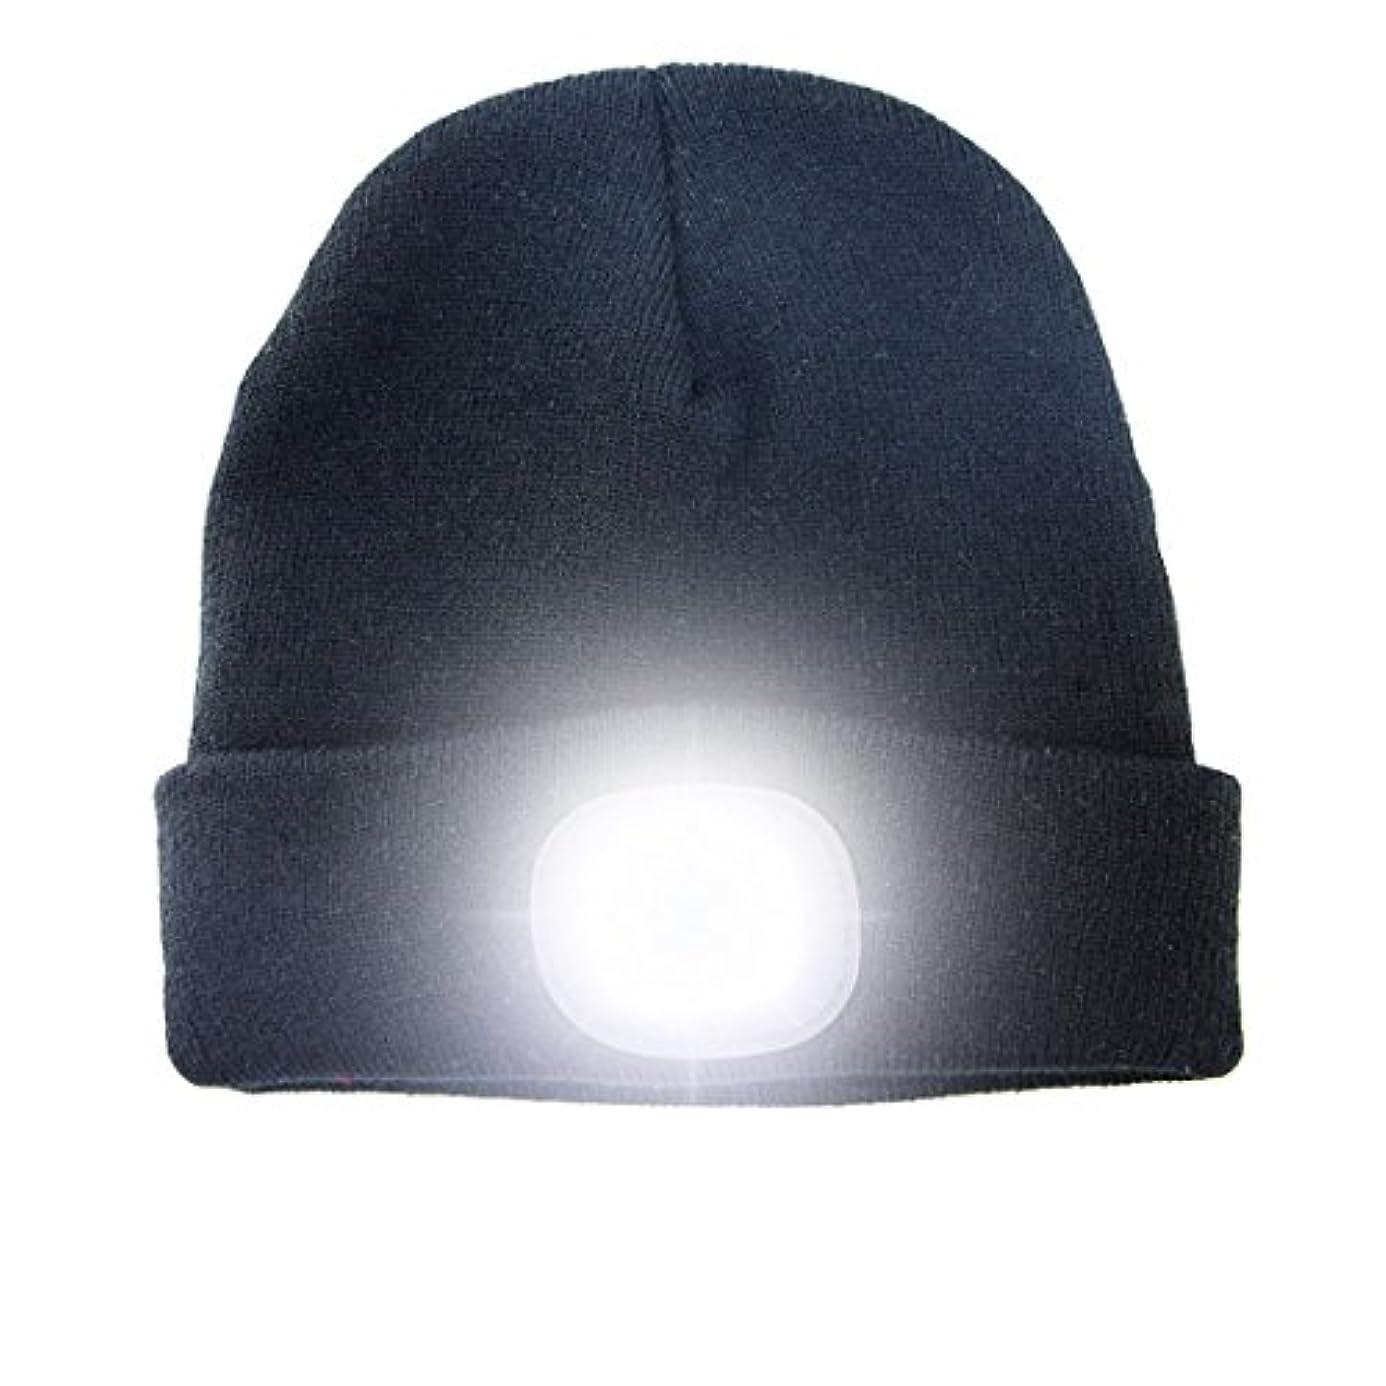 猫背ウェブ解放するLLY 男女兼用 暖かい明るいLED照明付きビーニー帽 ヘッドランプ 充電式冬用暖かいニット帽 男性、女性、狩猟、キャンプ、グリル用